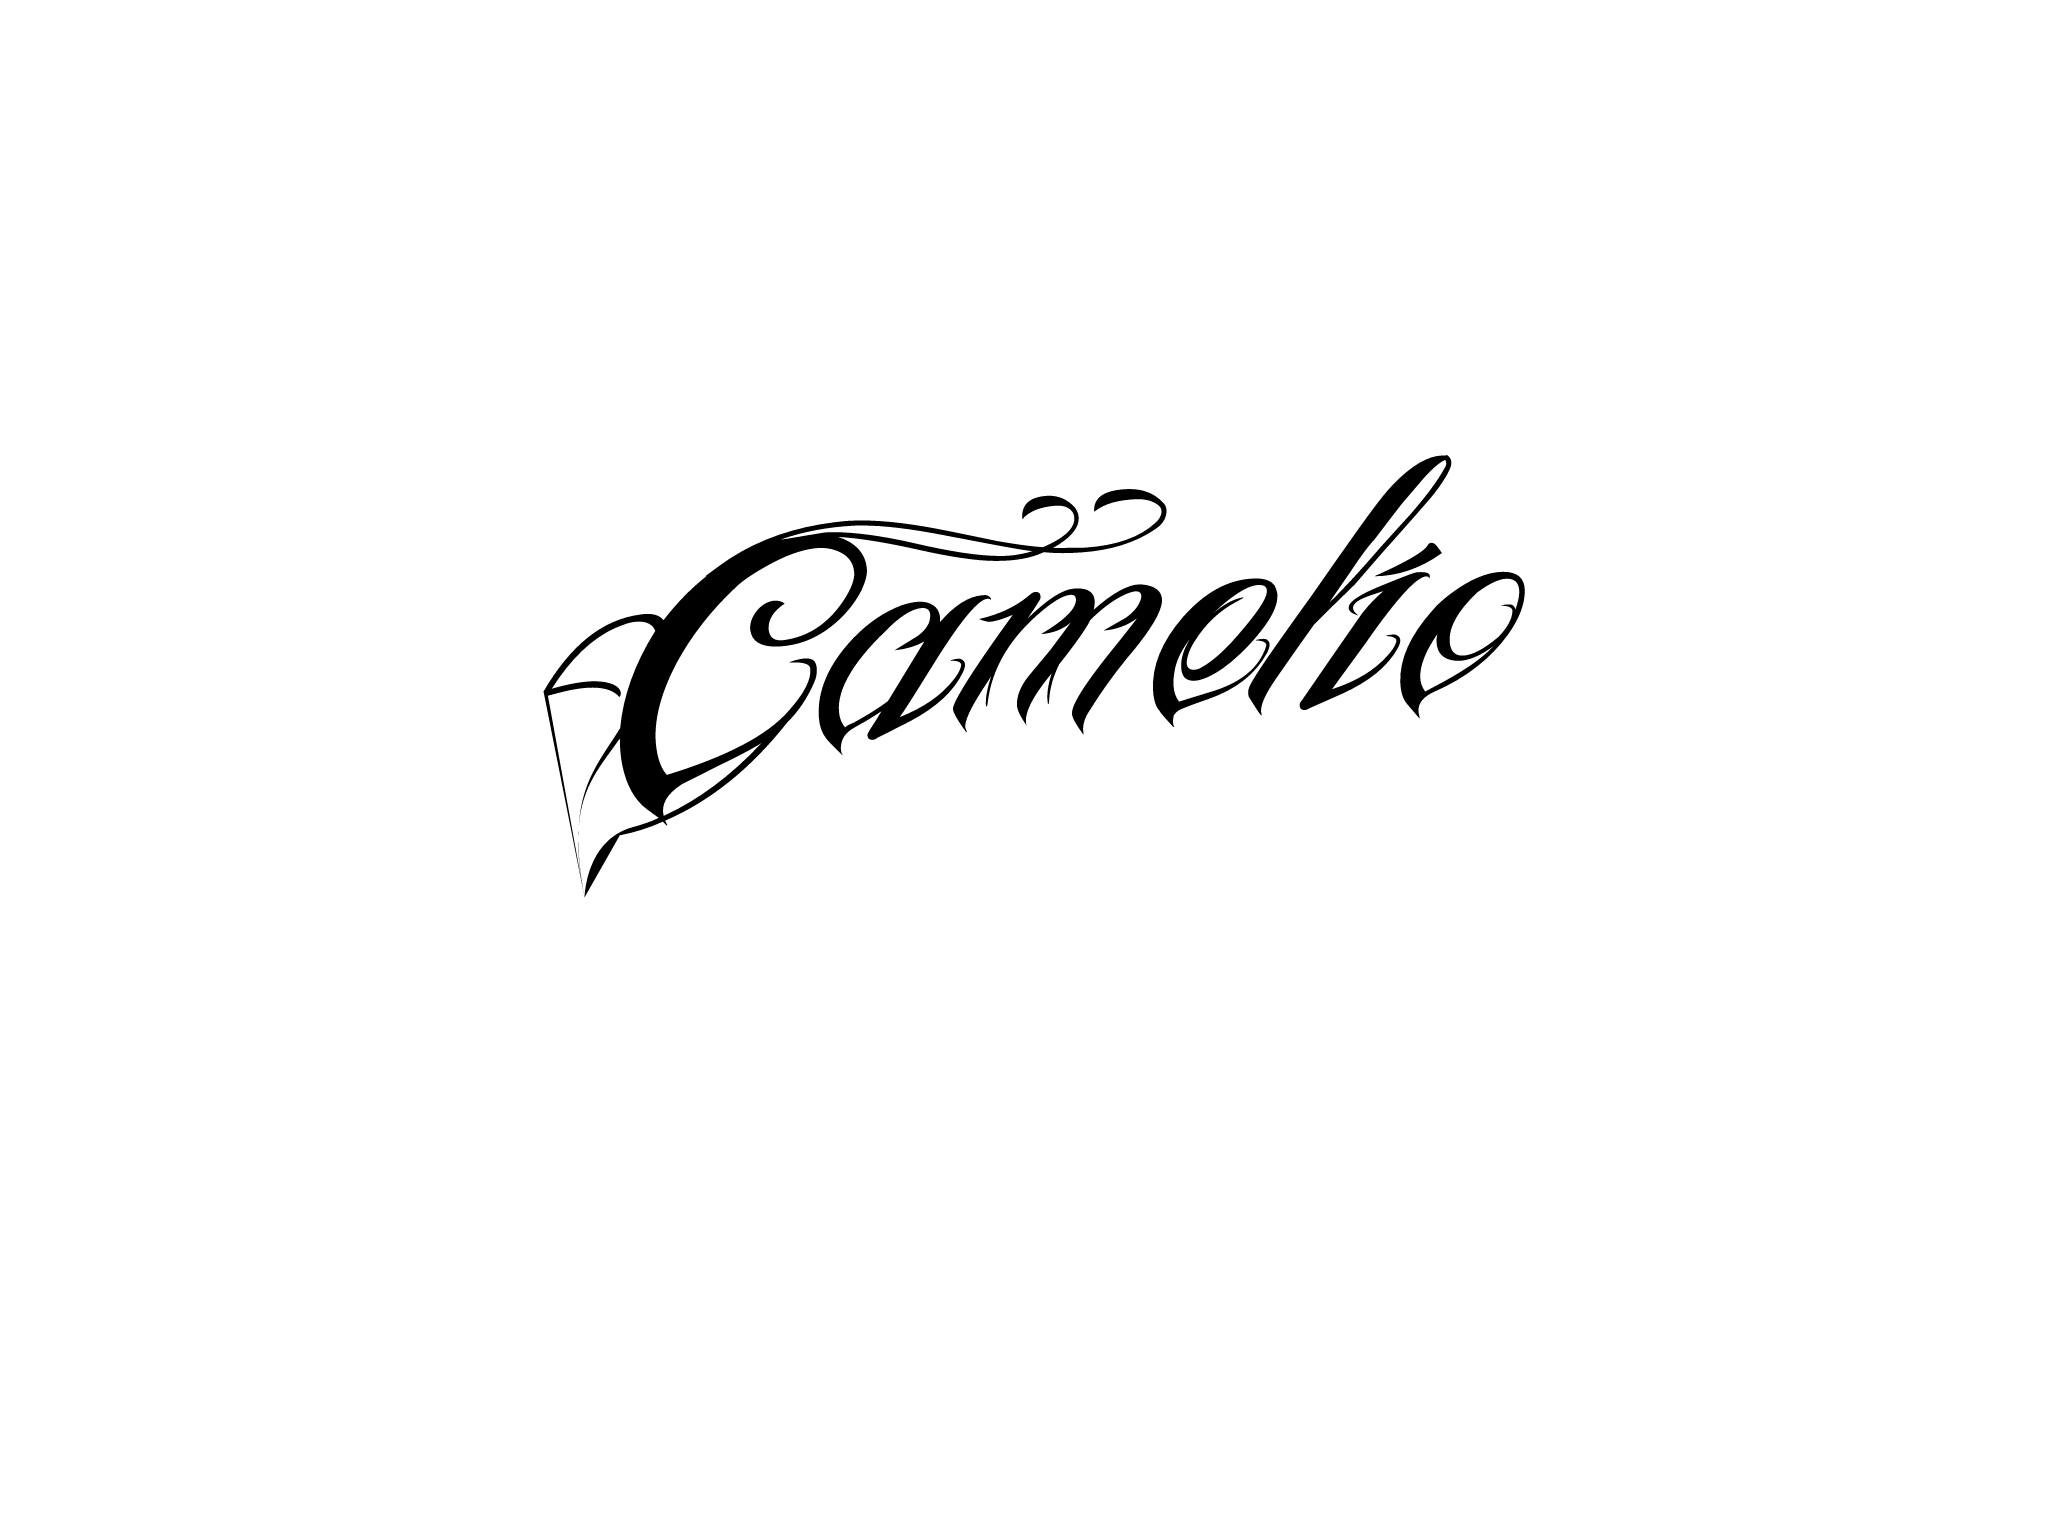 Camelio Herrera's Signature